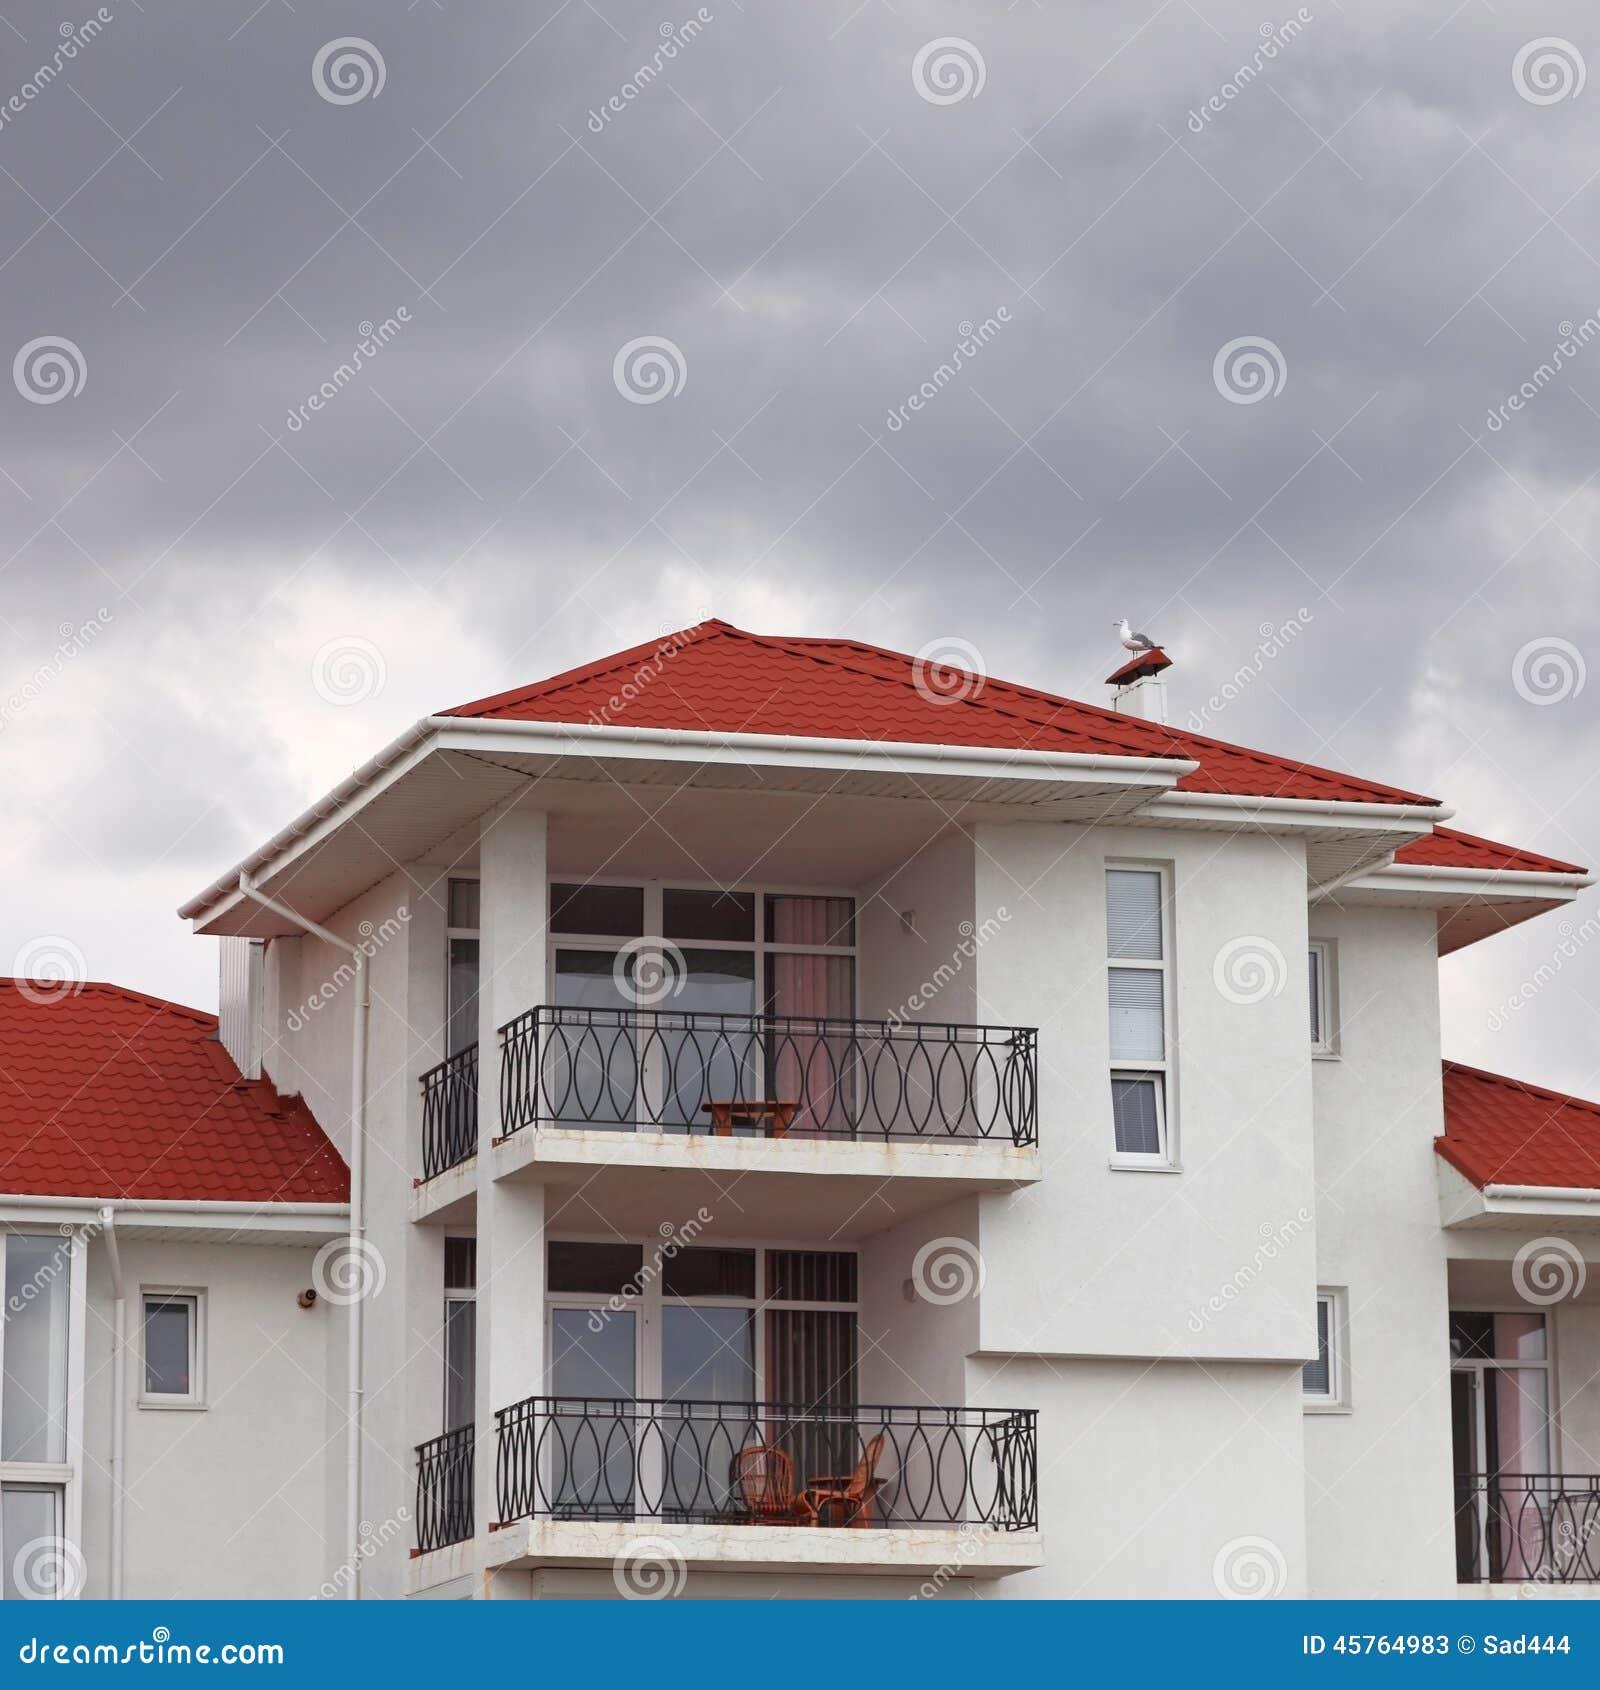 House Stock Photo Image 45764983